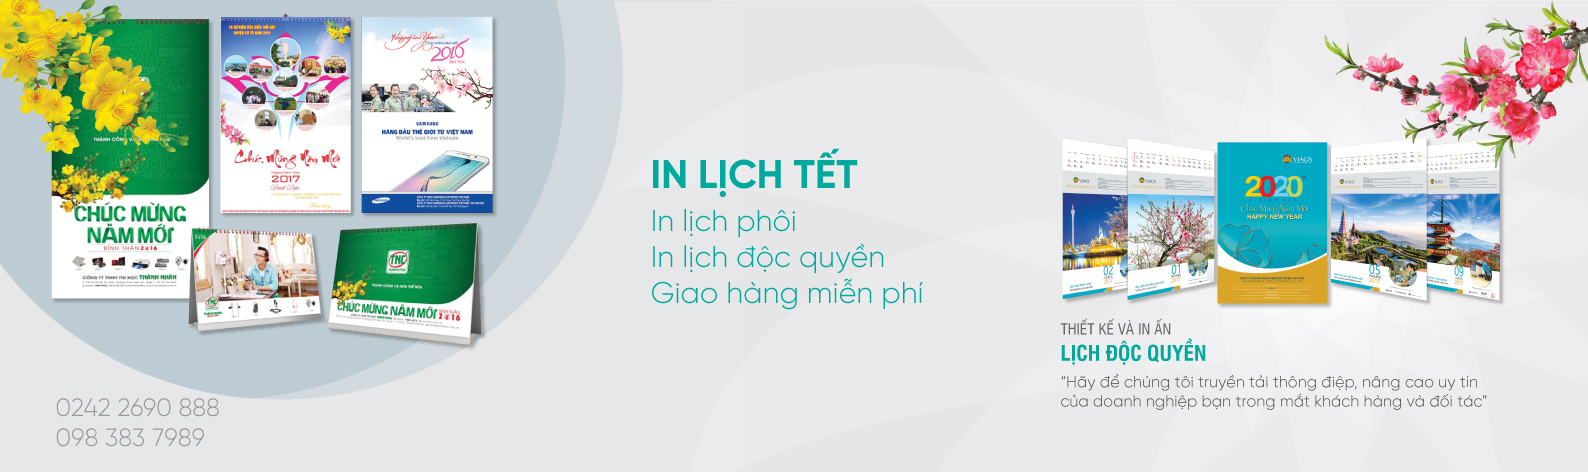 banner-in-lich-2020